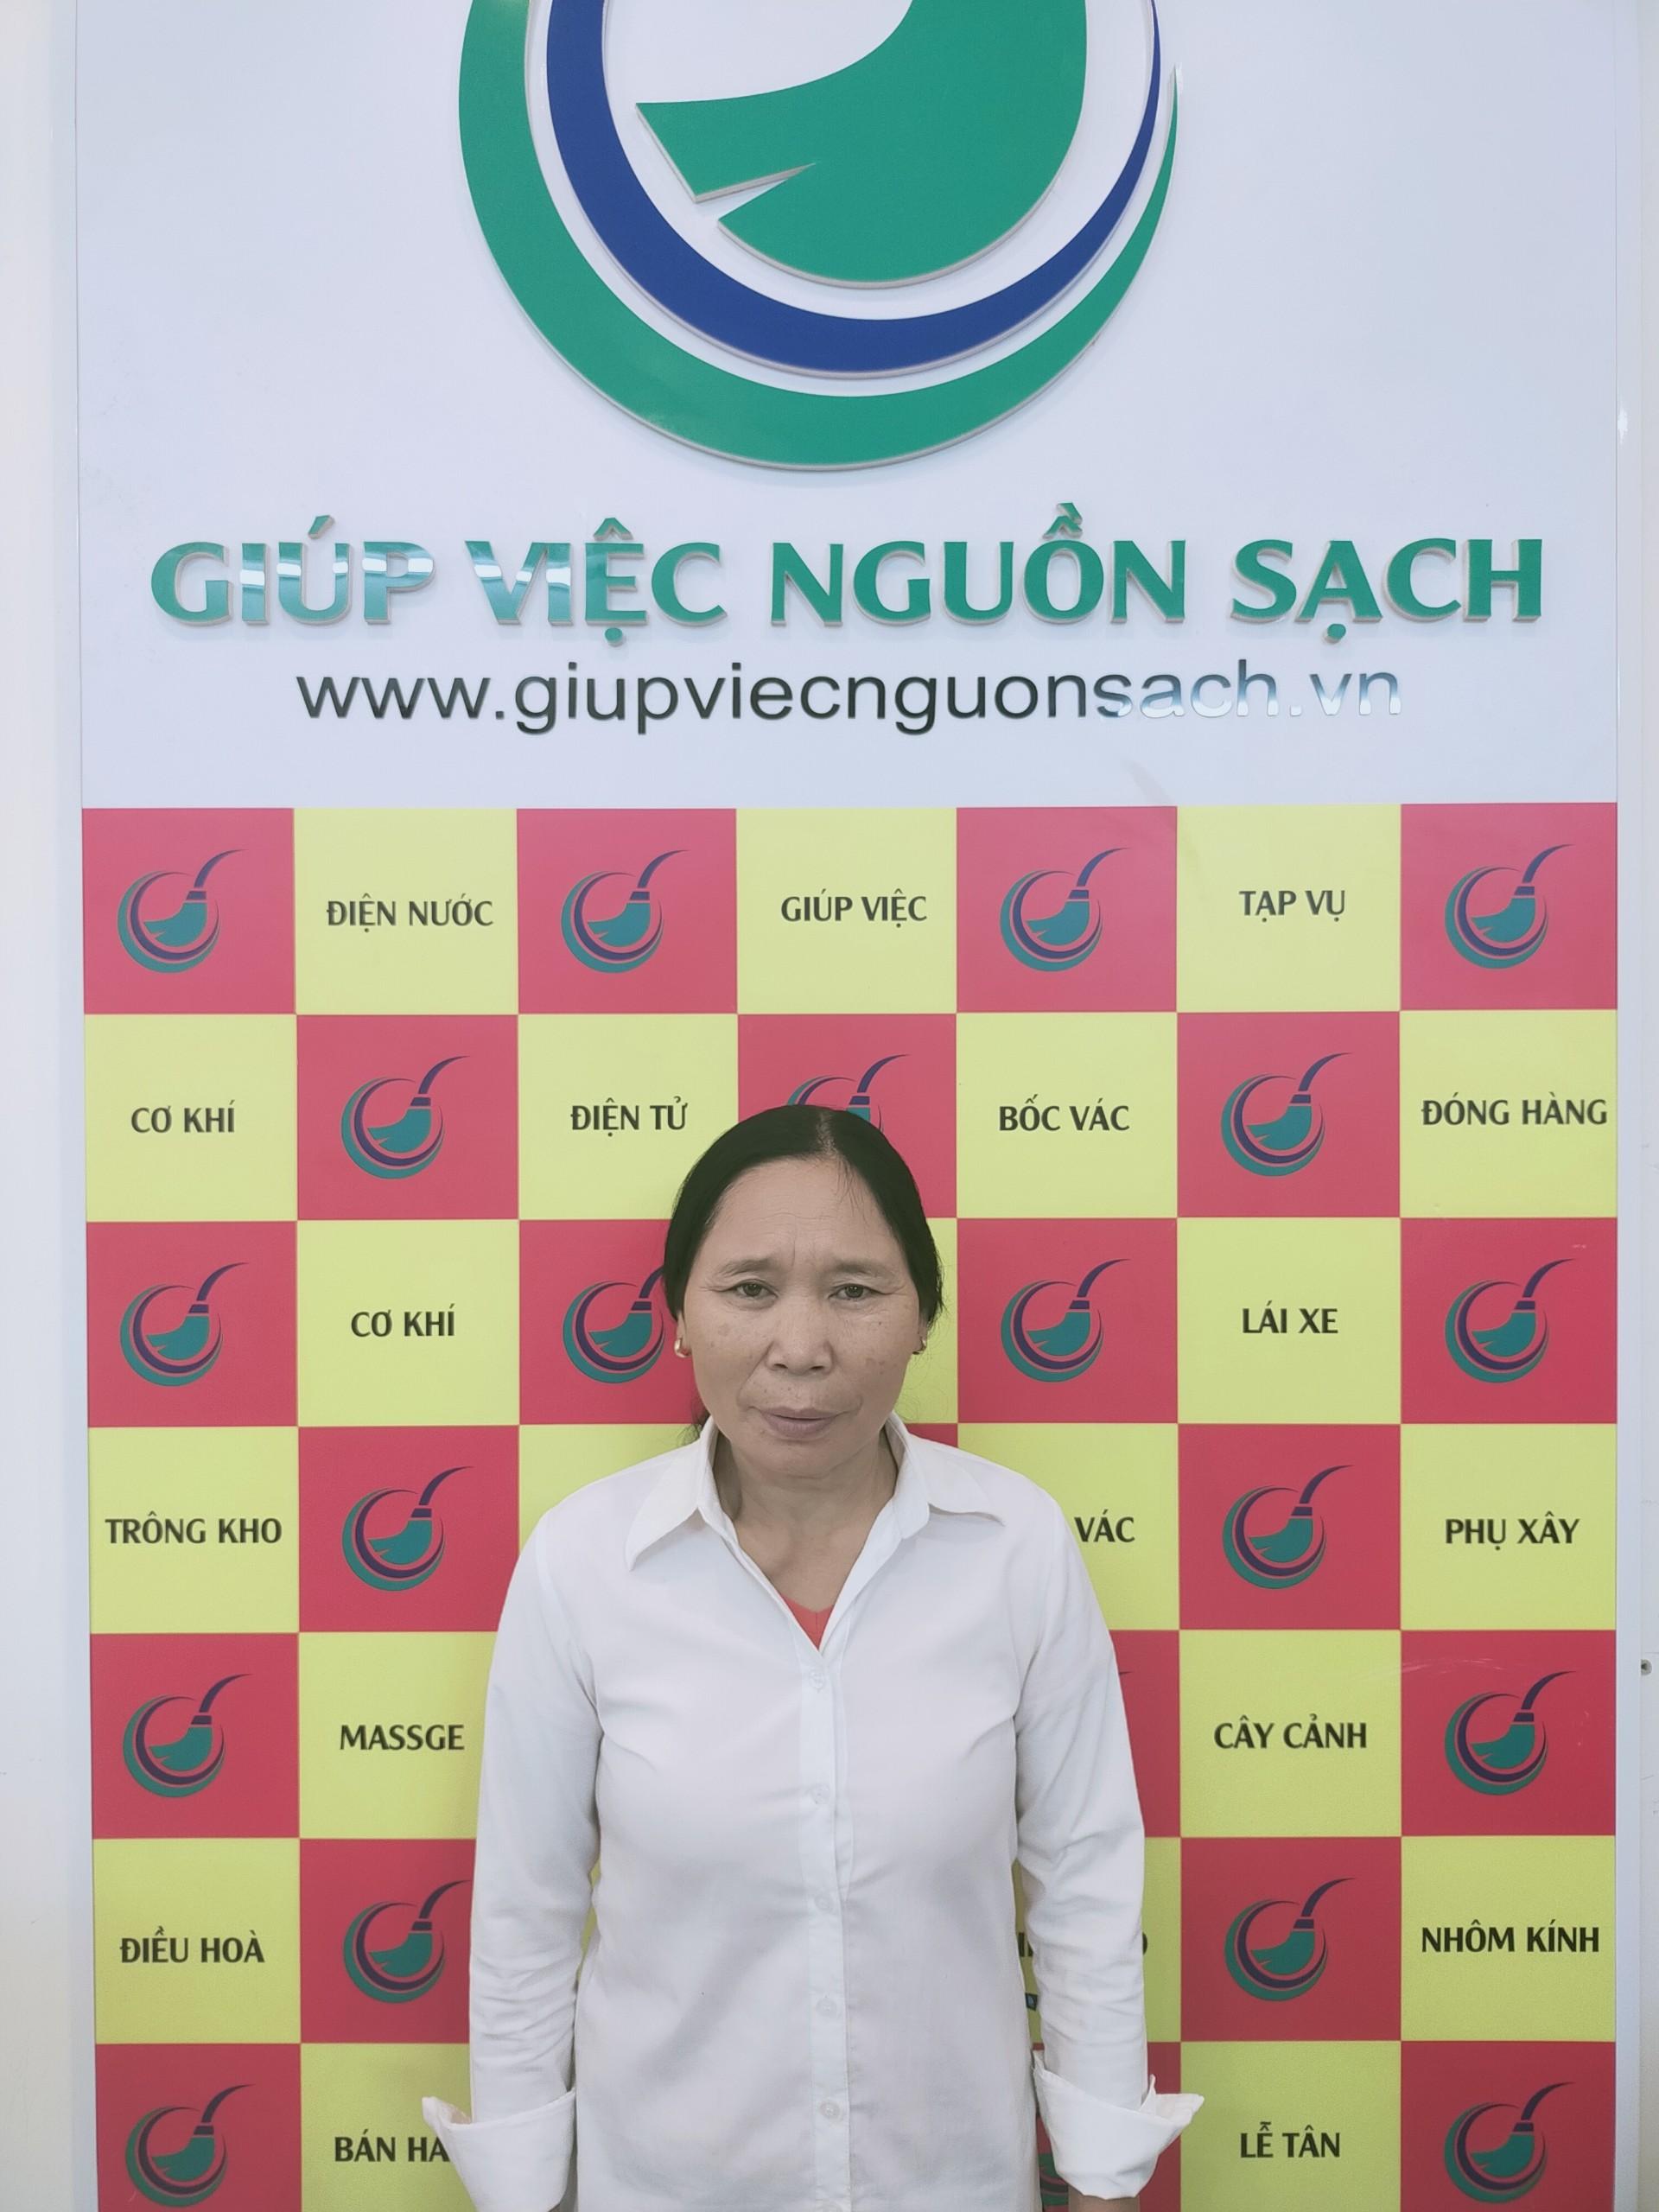 Cô Hạnh sn 1966, Thanh Hóa, giúp việc nhà, chăm bé.jpg